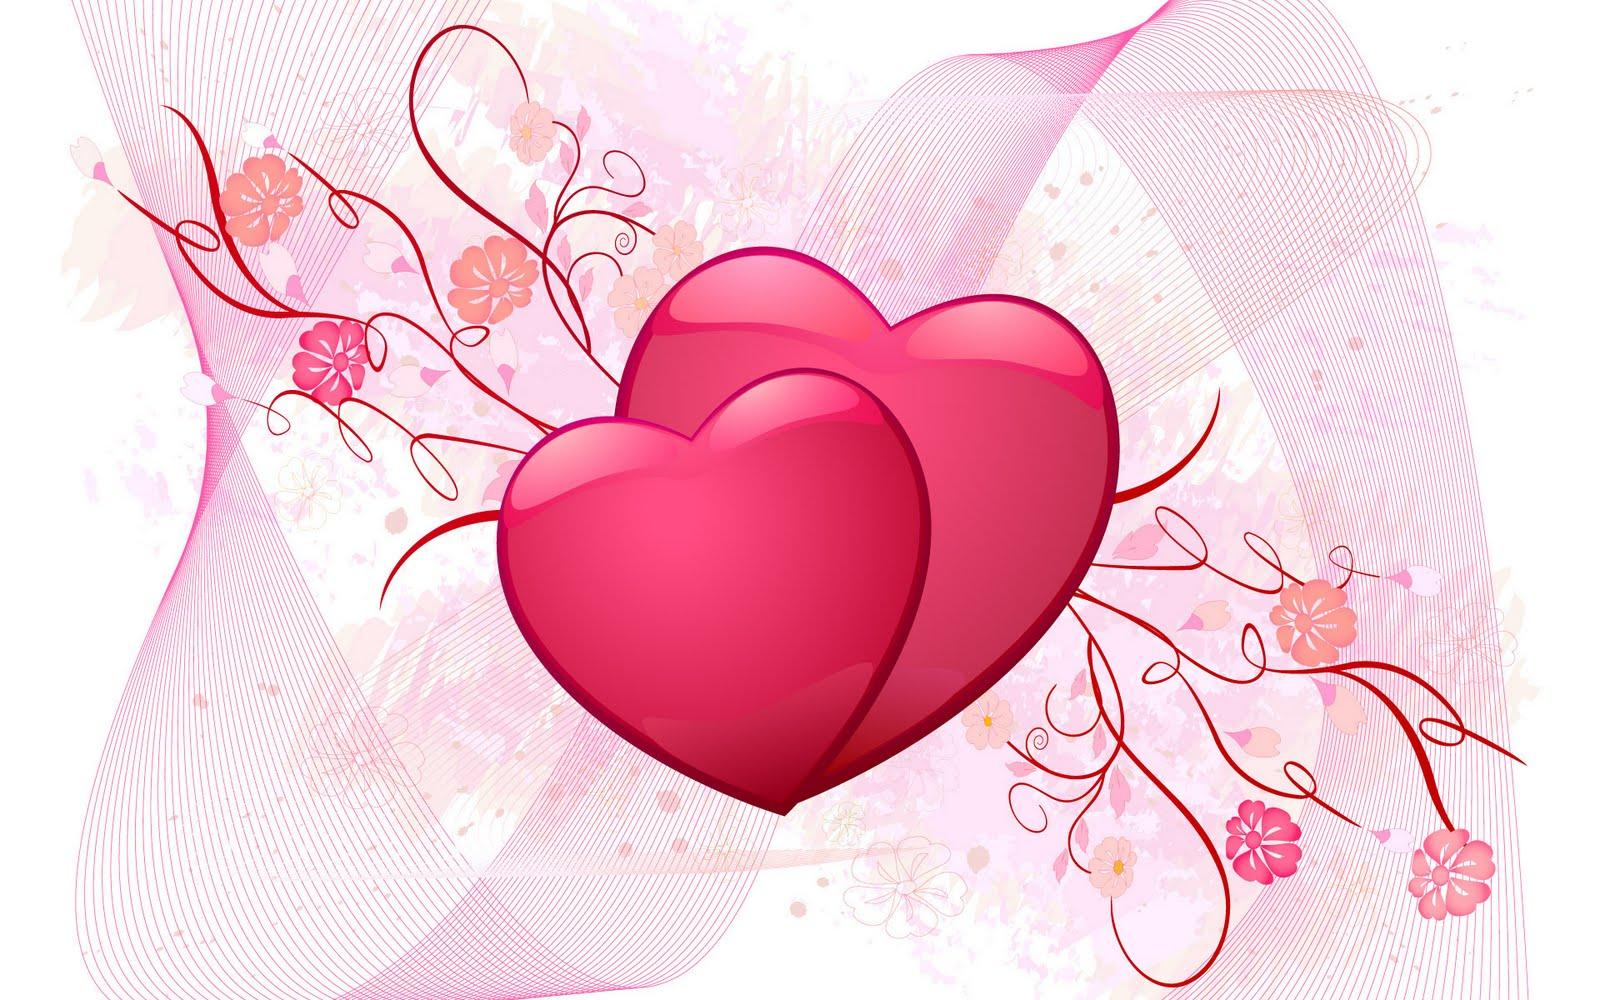 http://2.bp.blogspot.com/-TREwrHwLGFo/T0Sx-7XeXJI/AAAAAAAAJ2k/qqWQoEvLk6k/s1600/Hindi_Love_SMS.jpg